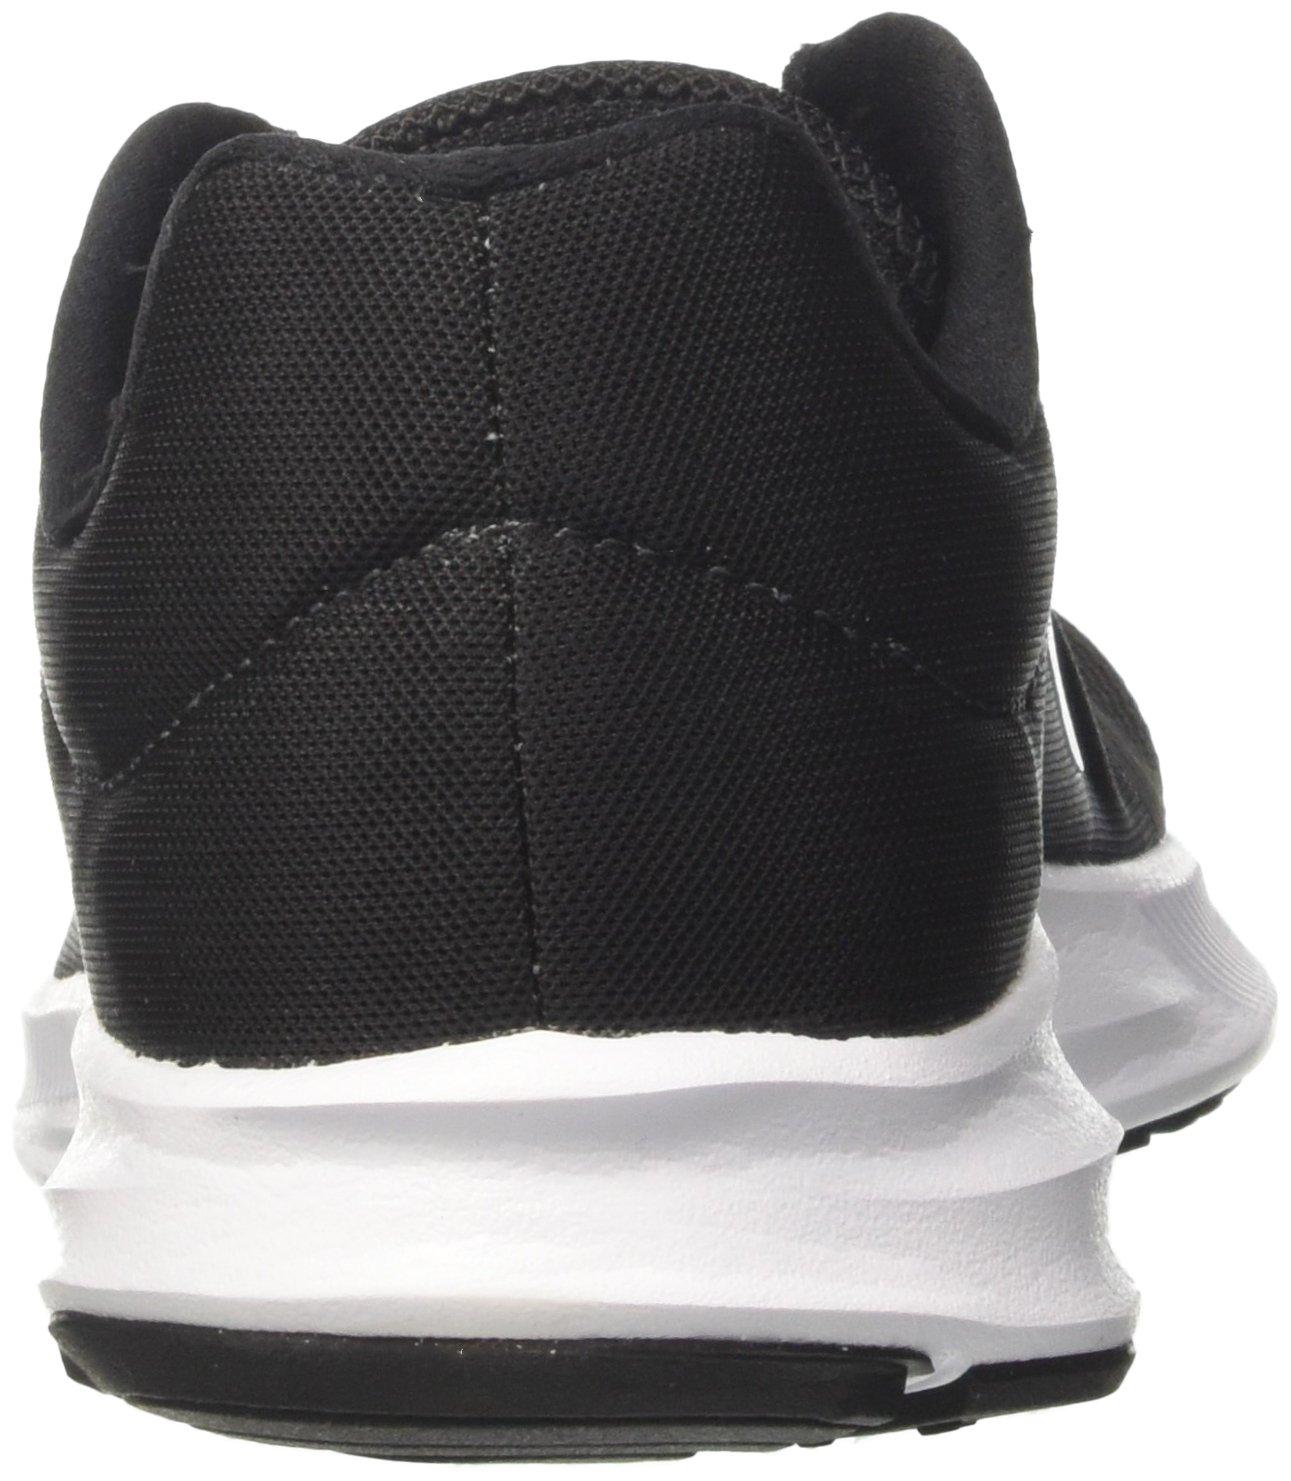 messieurs et mesdames nike hommes & eacute; qualité la de la qualité reine downshifter 8 chaussures mode garantie authentique moderne et élégant e28e8c